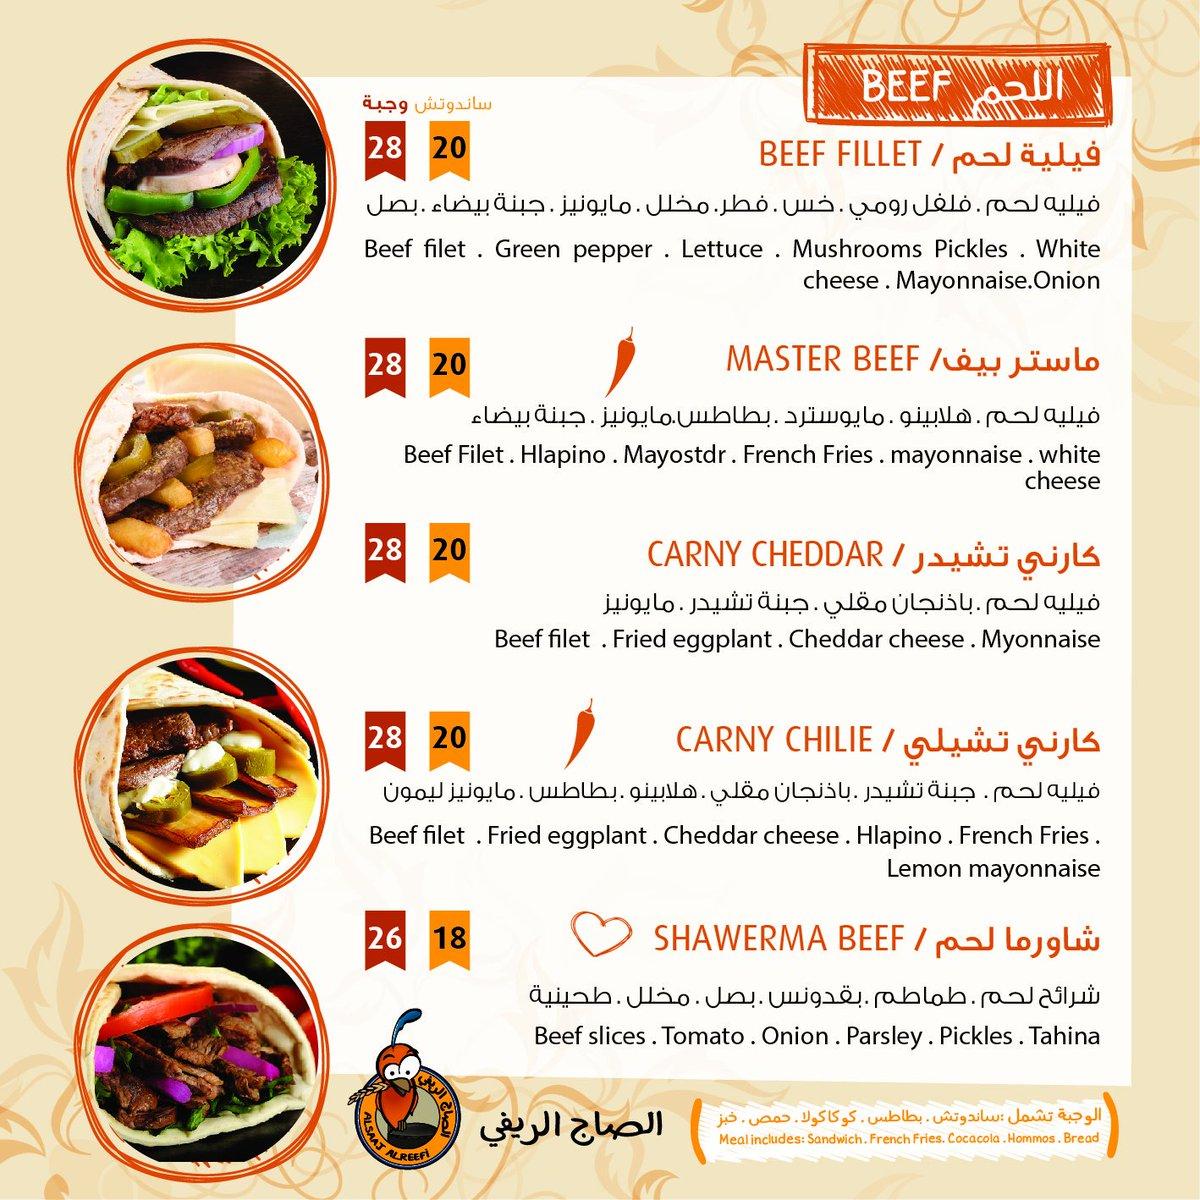 مطعم الصاج الريفي بالرياض السعر المنيو العنوان كافيهات و مطاعم الرياض